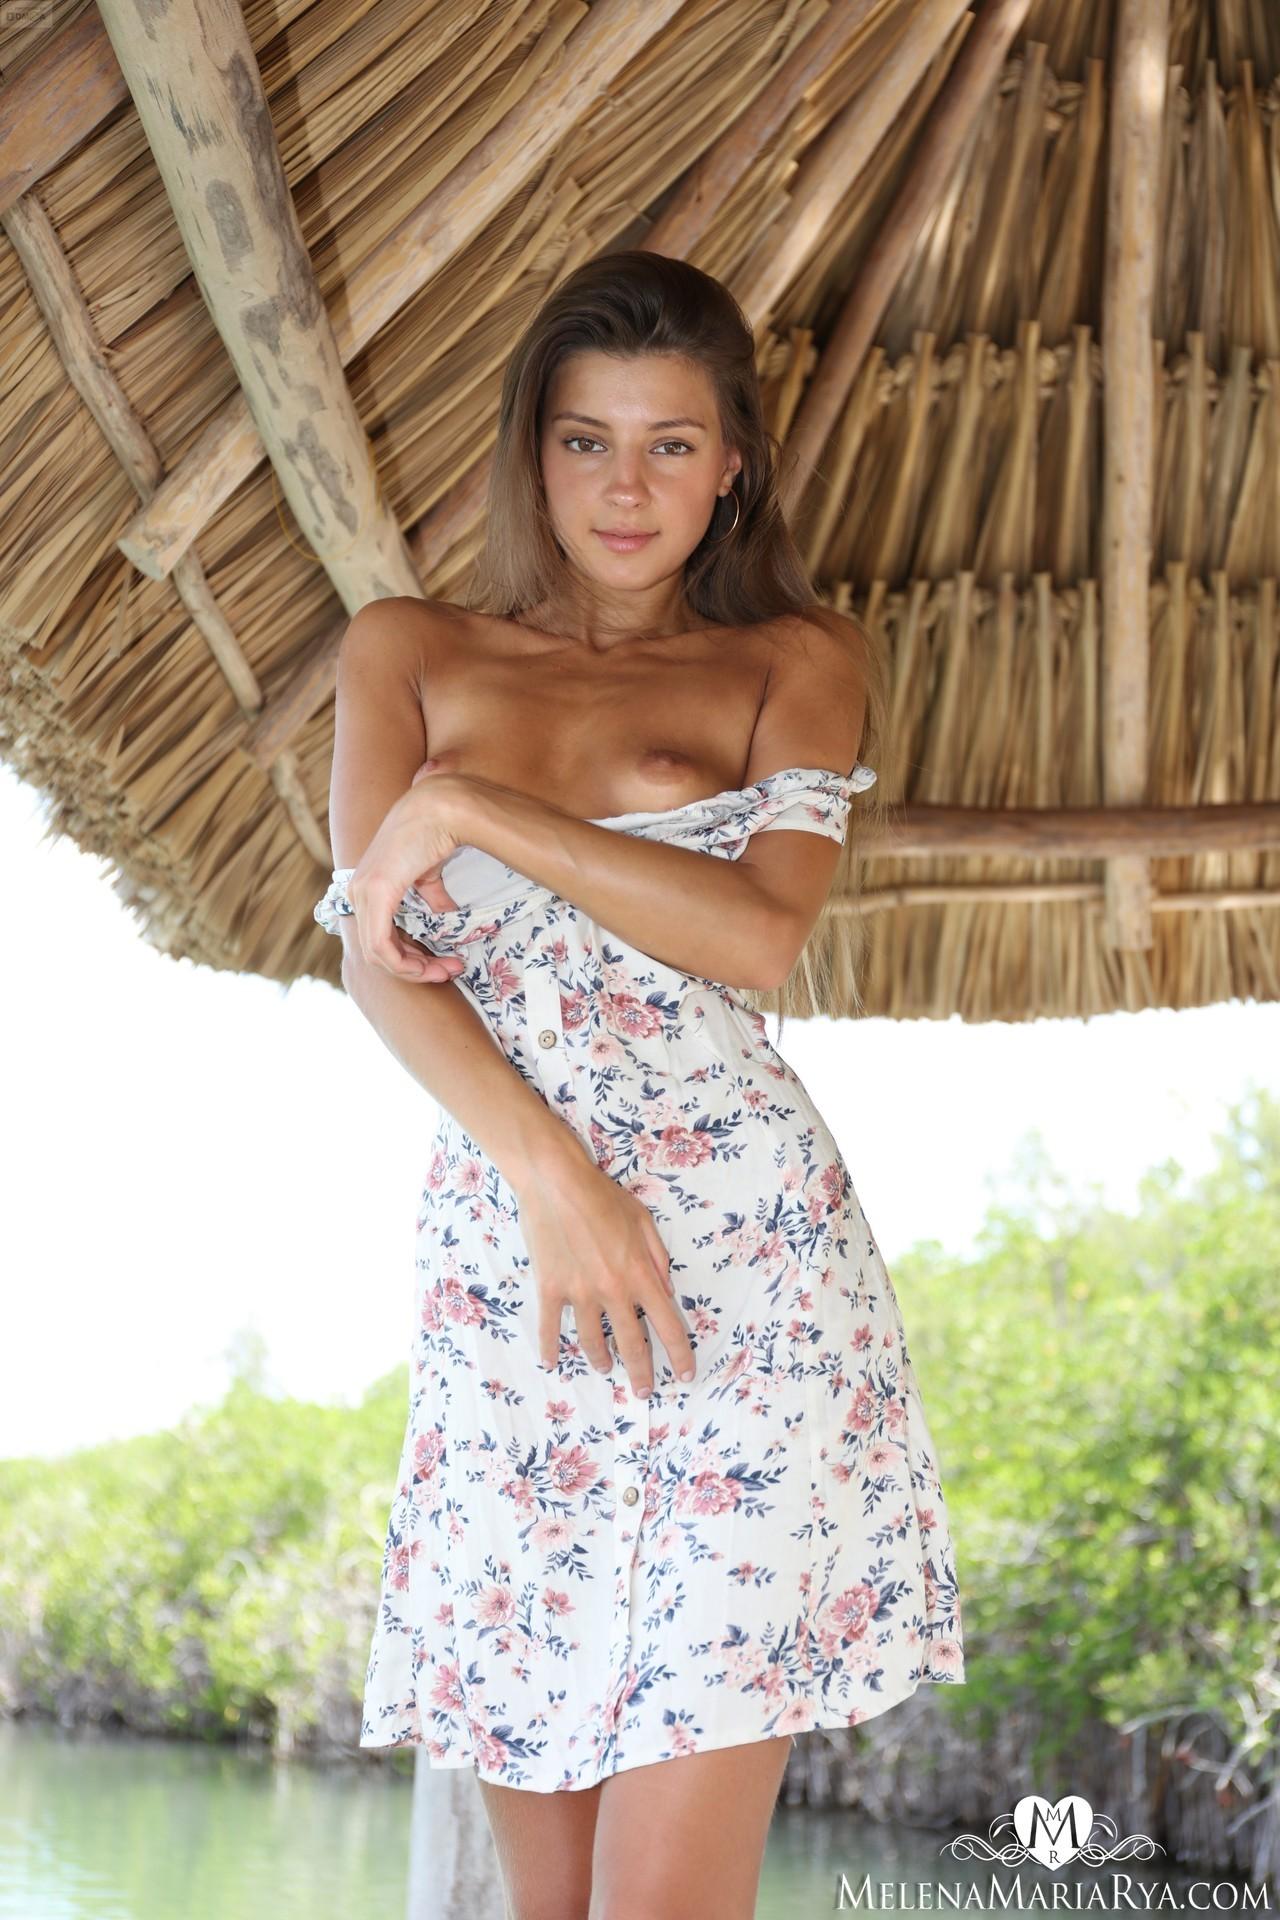 Melena Maria Rya